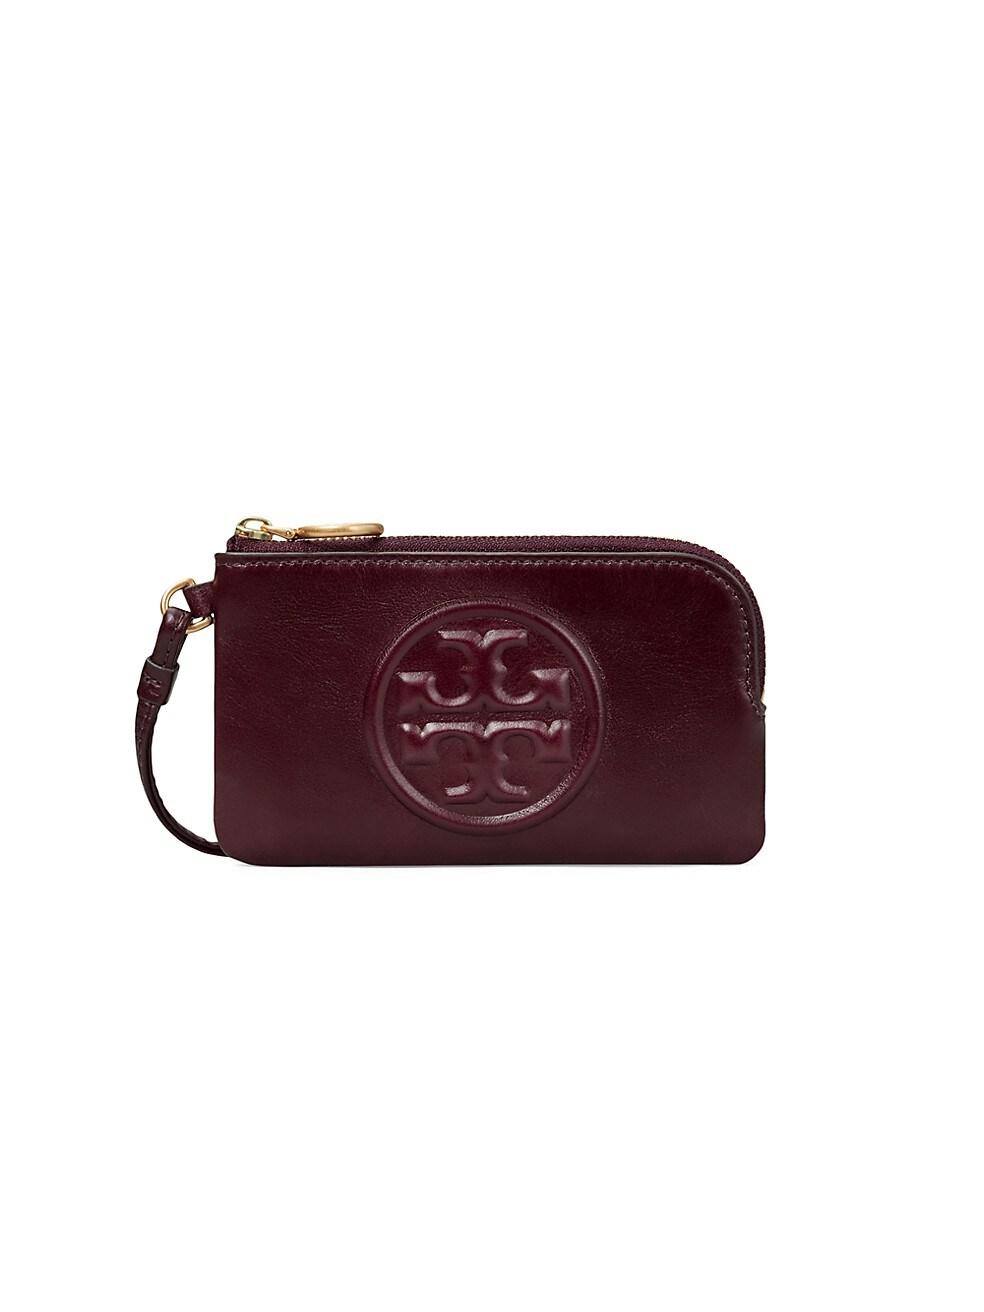 토리버치 카드 지갑 Tory Burch Perry Bombe Glazed Leather Top-Zip Card Case,FIG